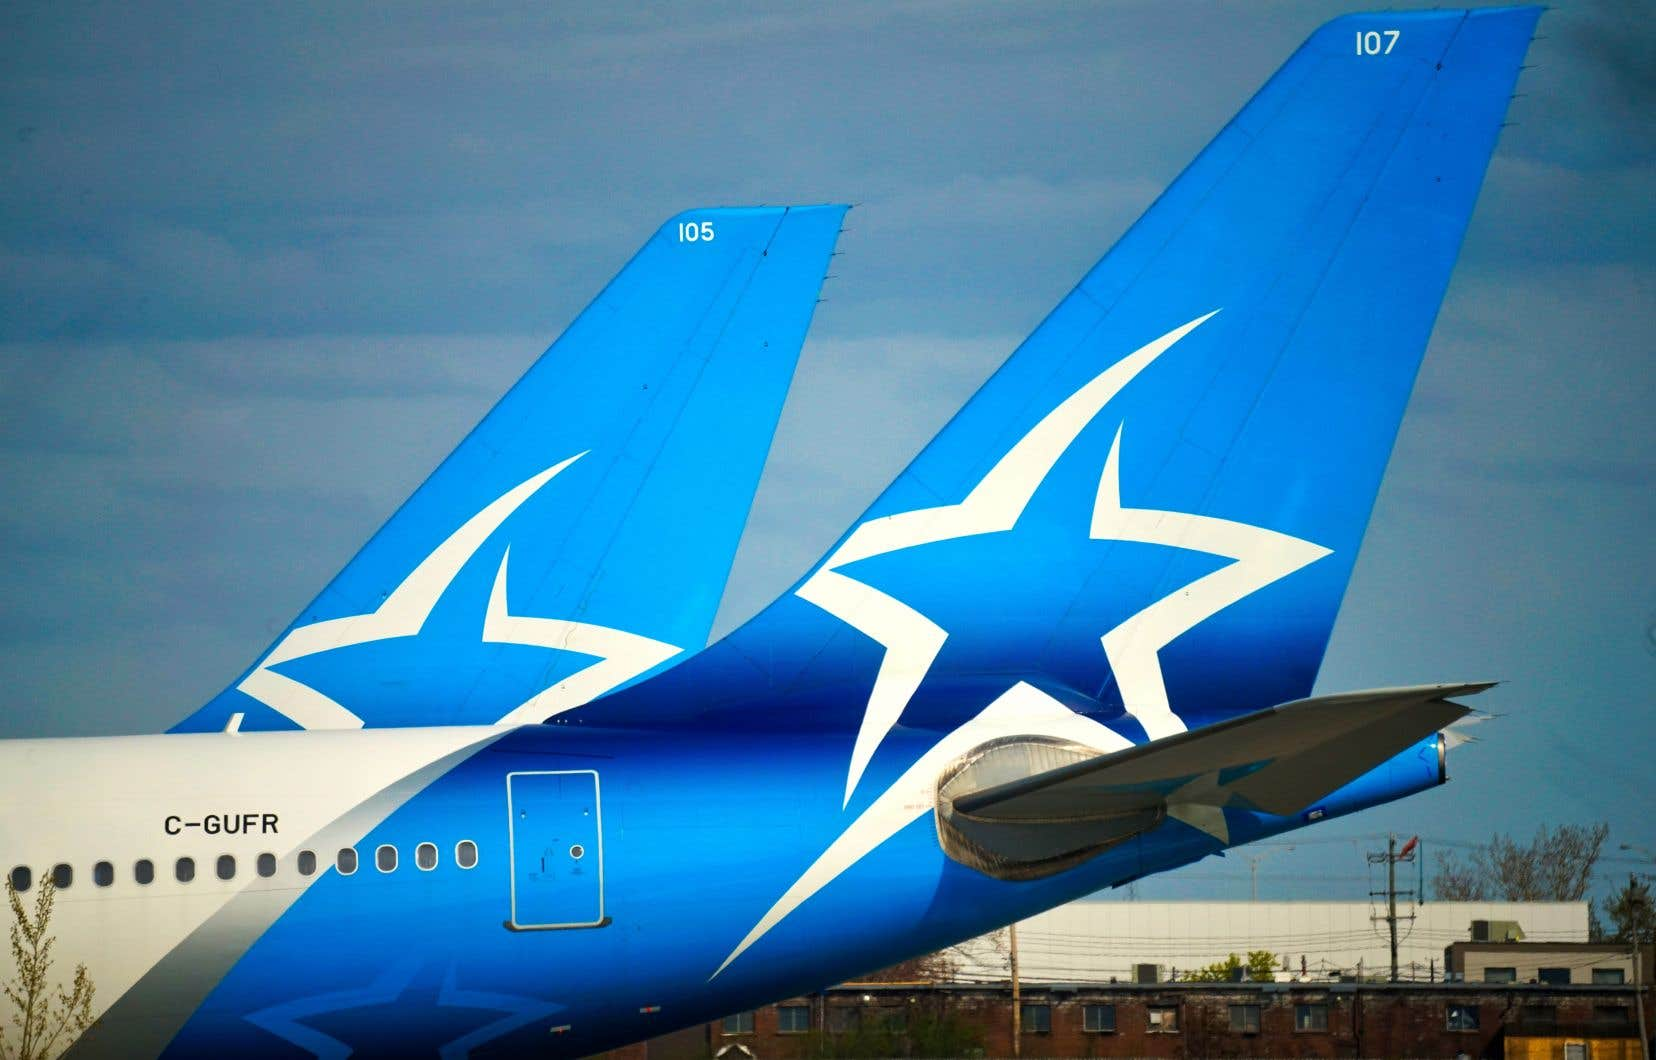 Air Canada propose désormais 5$ pour chaque action de la société mère d'Air Transat — une baisse de 72% par rapport à 18$ auparavant.